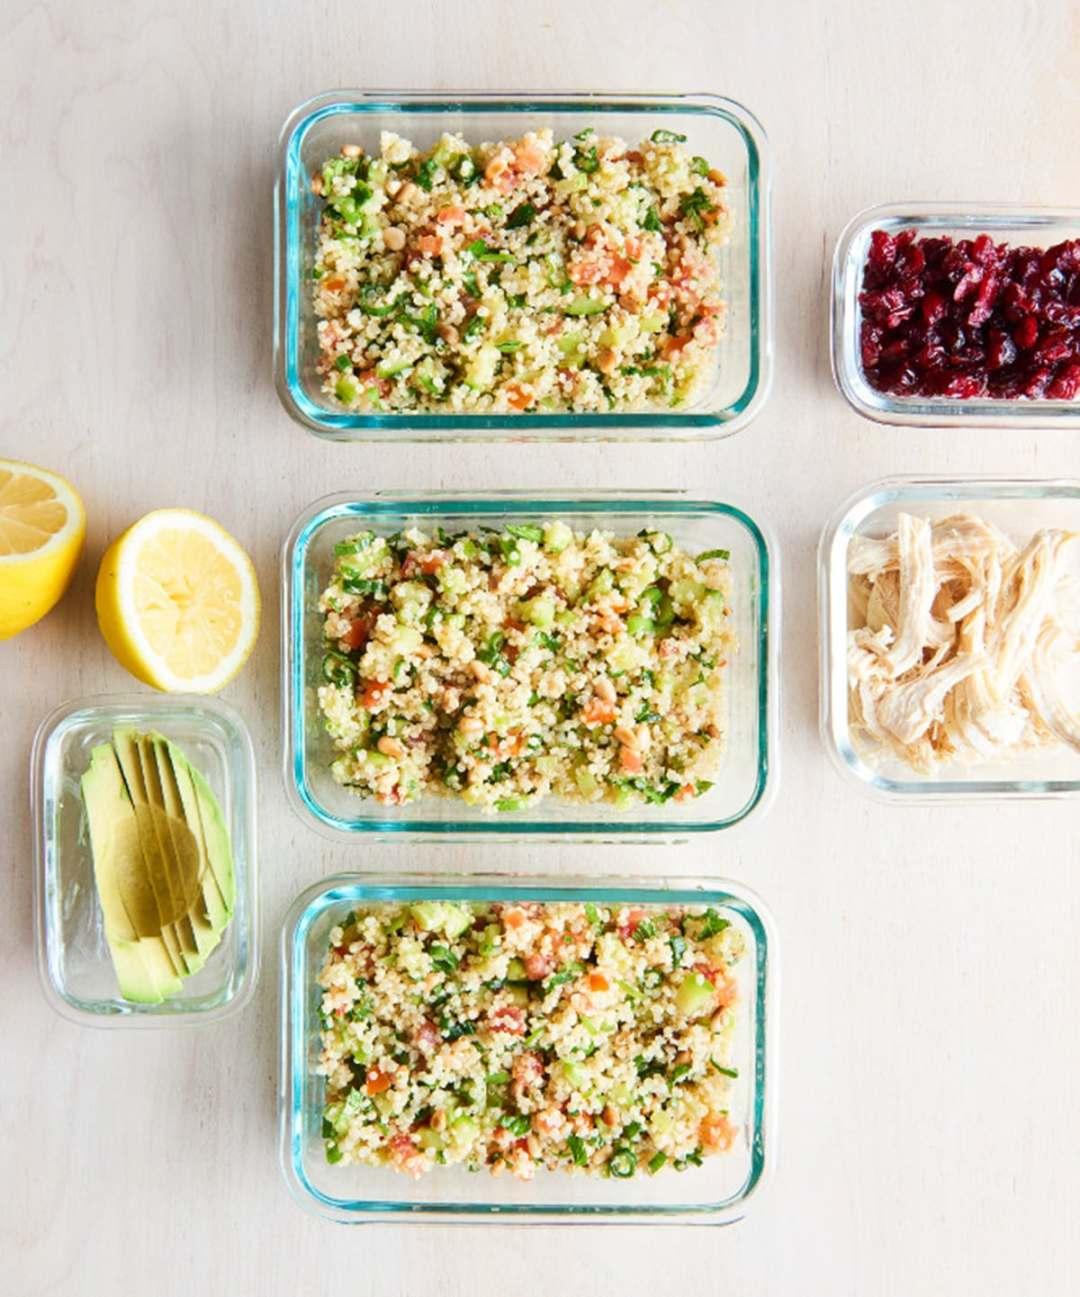 Instant Pot Quinoa Vegetable Tabbouleh Salad